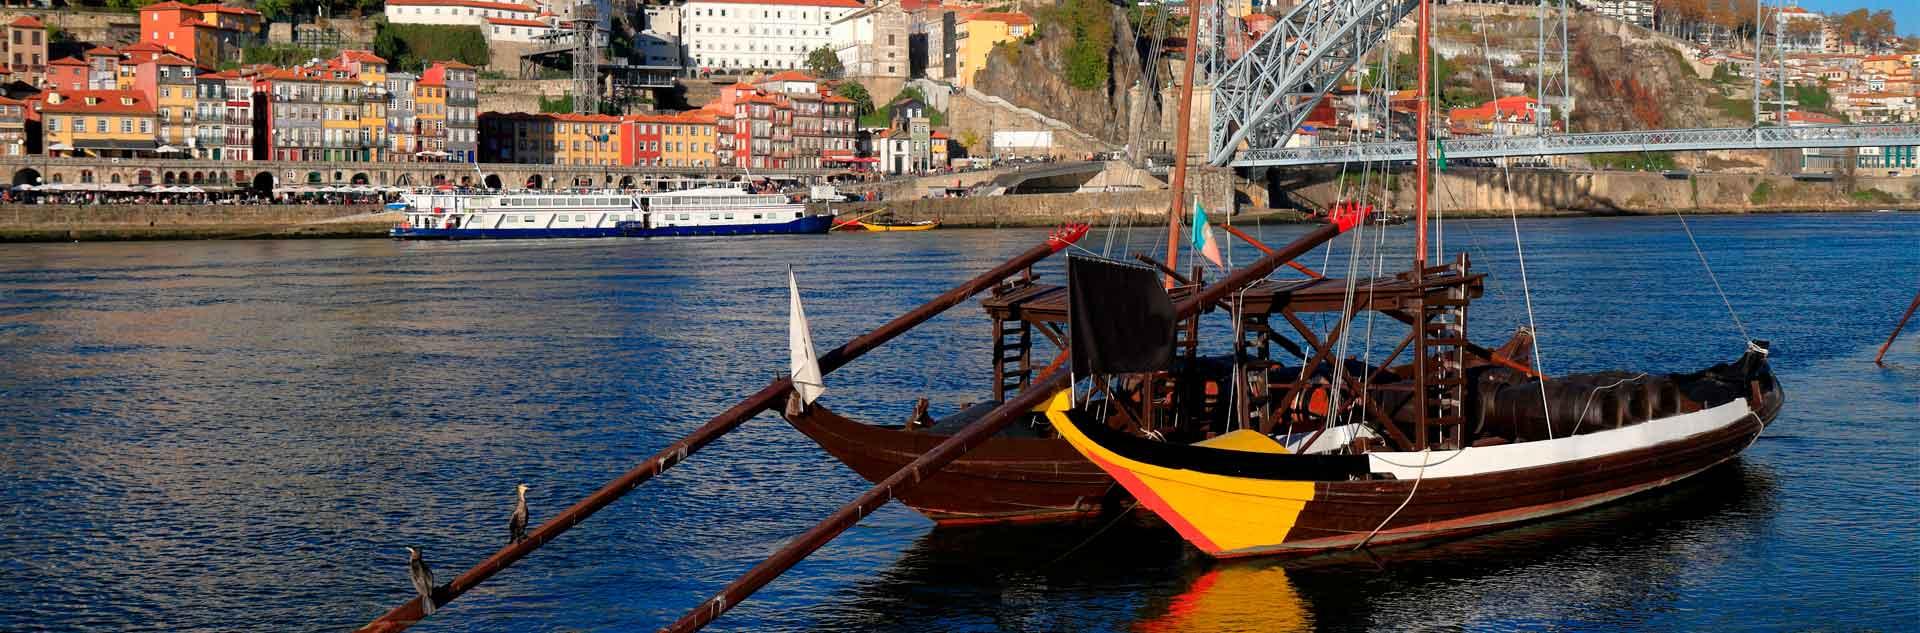 Barcos portugueses en el río Duero